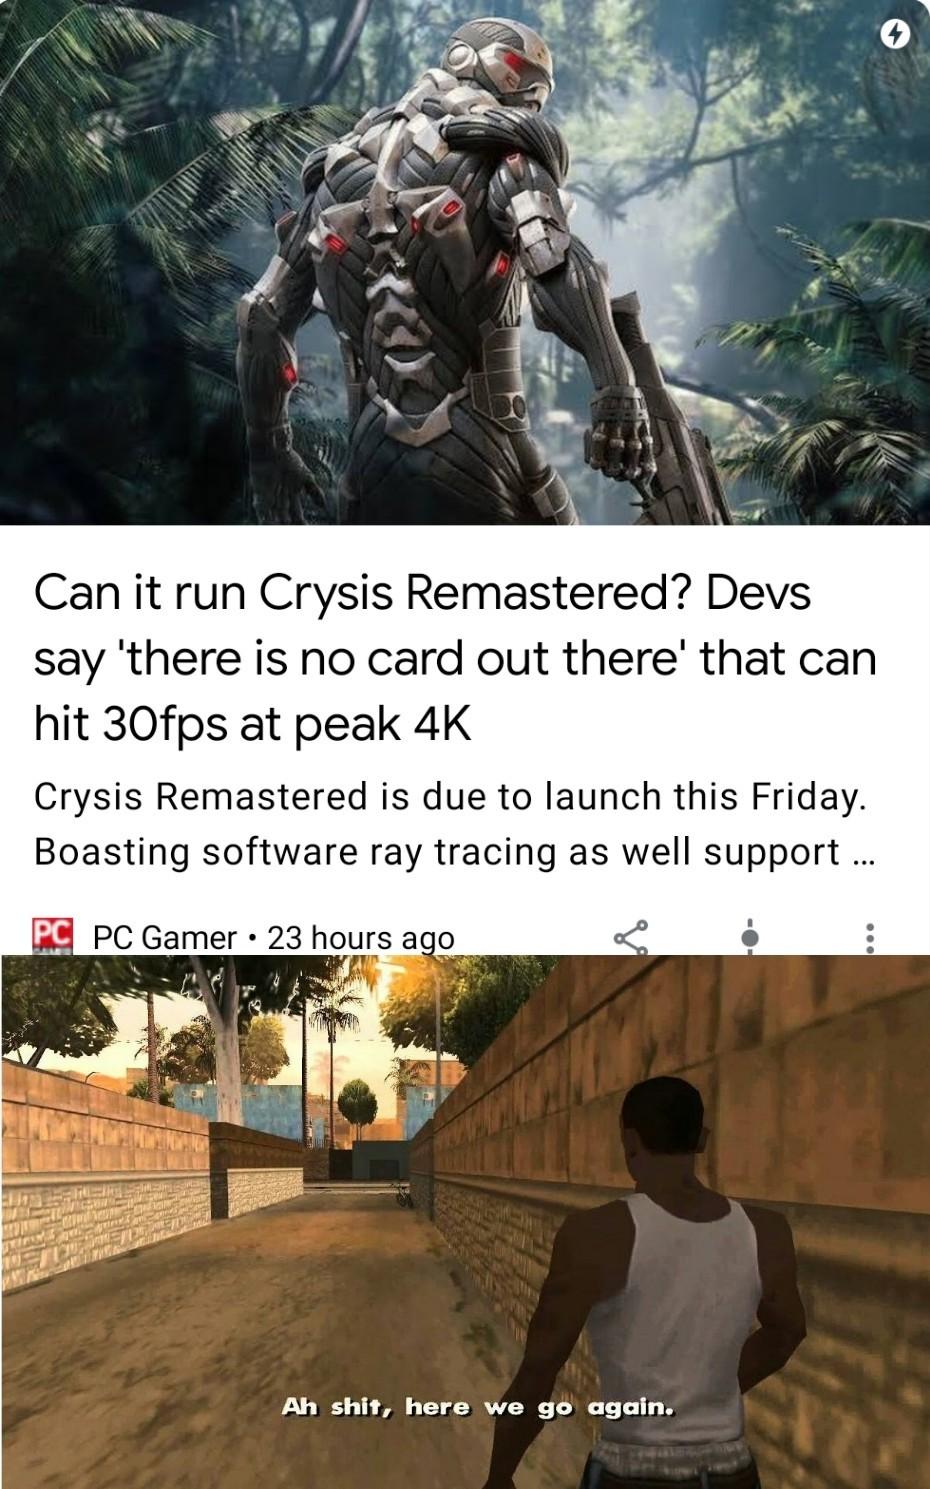 Can it run crysis? - meme